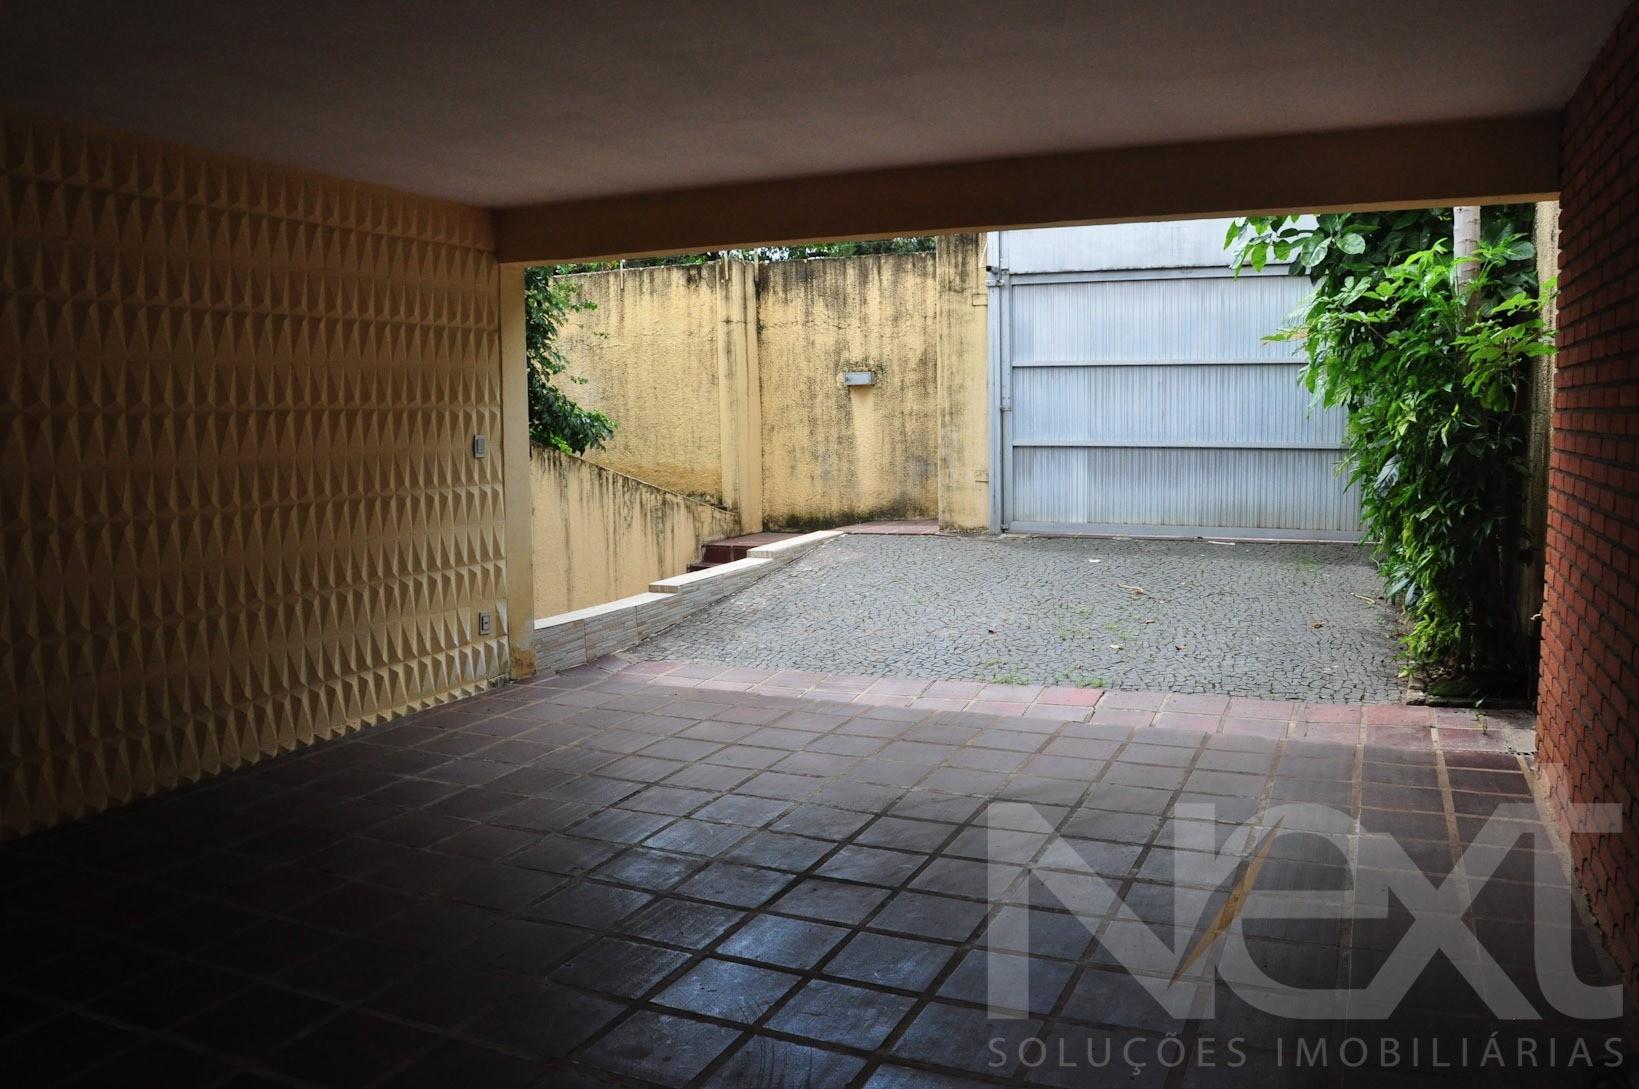 Prédio de 3 dormitórios em Chapadao, Campinas - SP